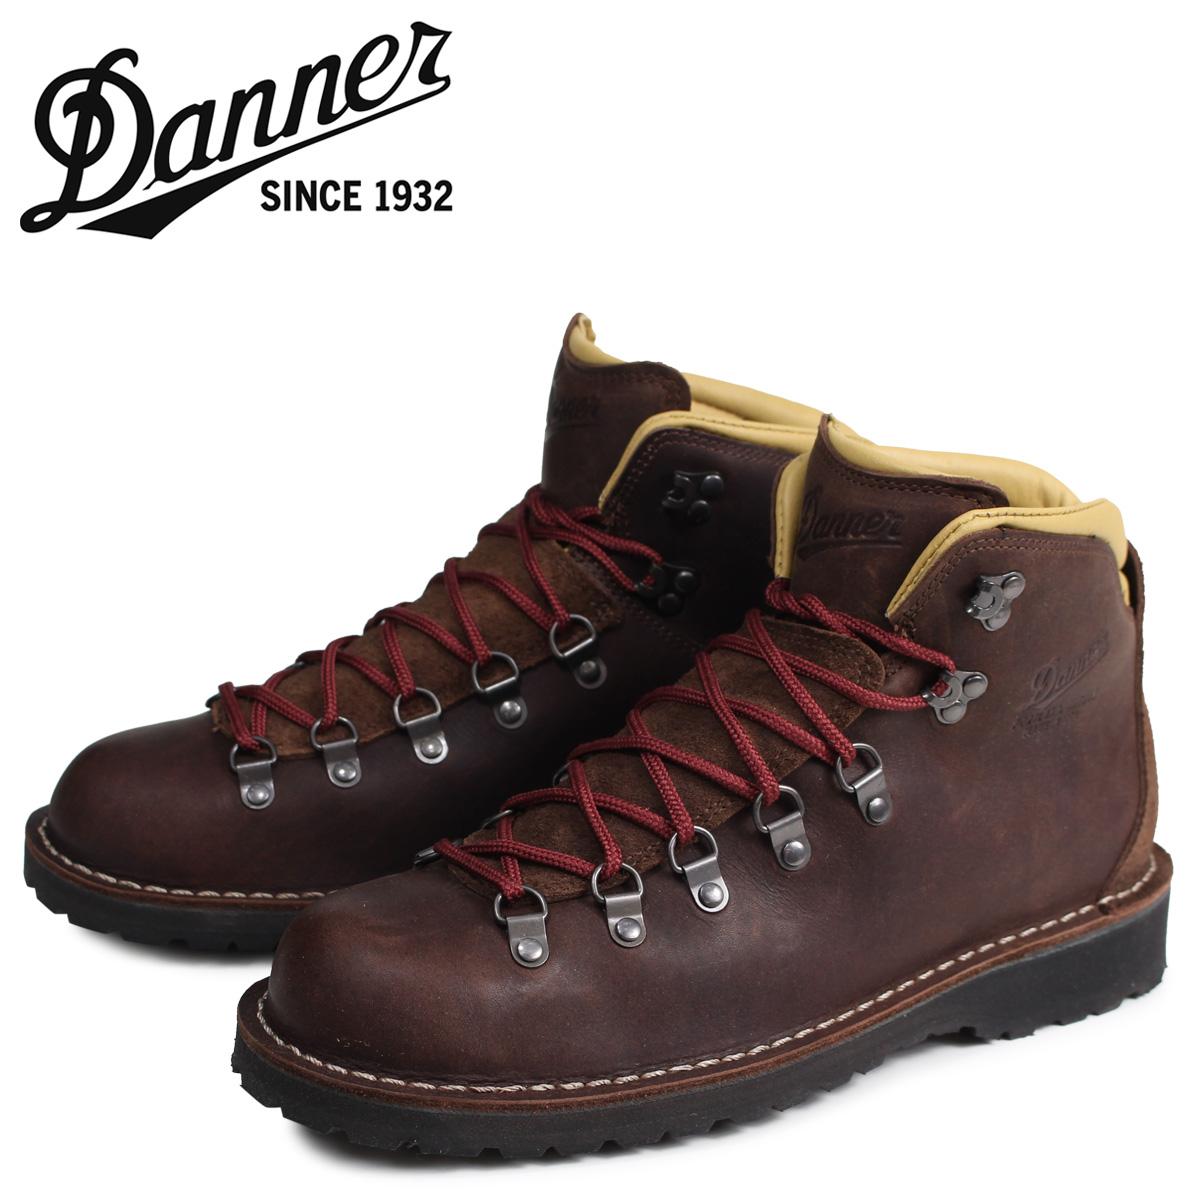 ダナー Danner マウンテンパス ブーツ メンズ MOUNTAIN PASS MADE IN USA EEワイズ ブラウン 33293